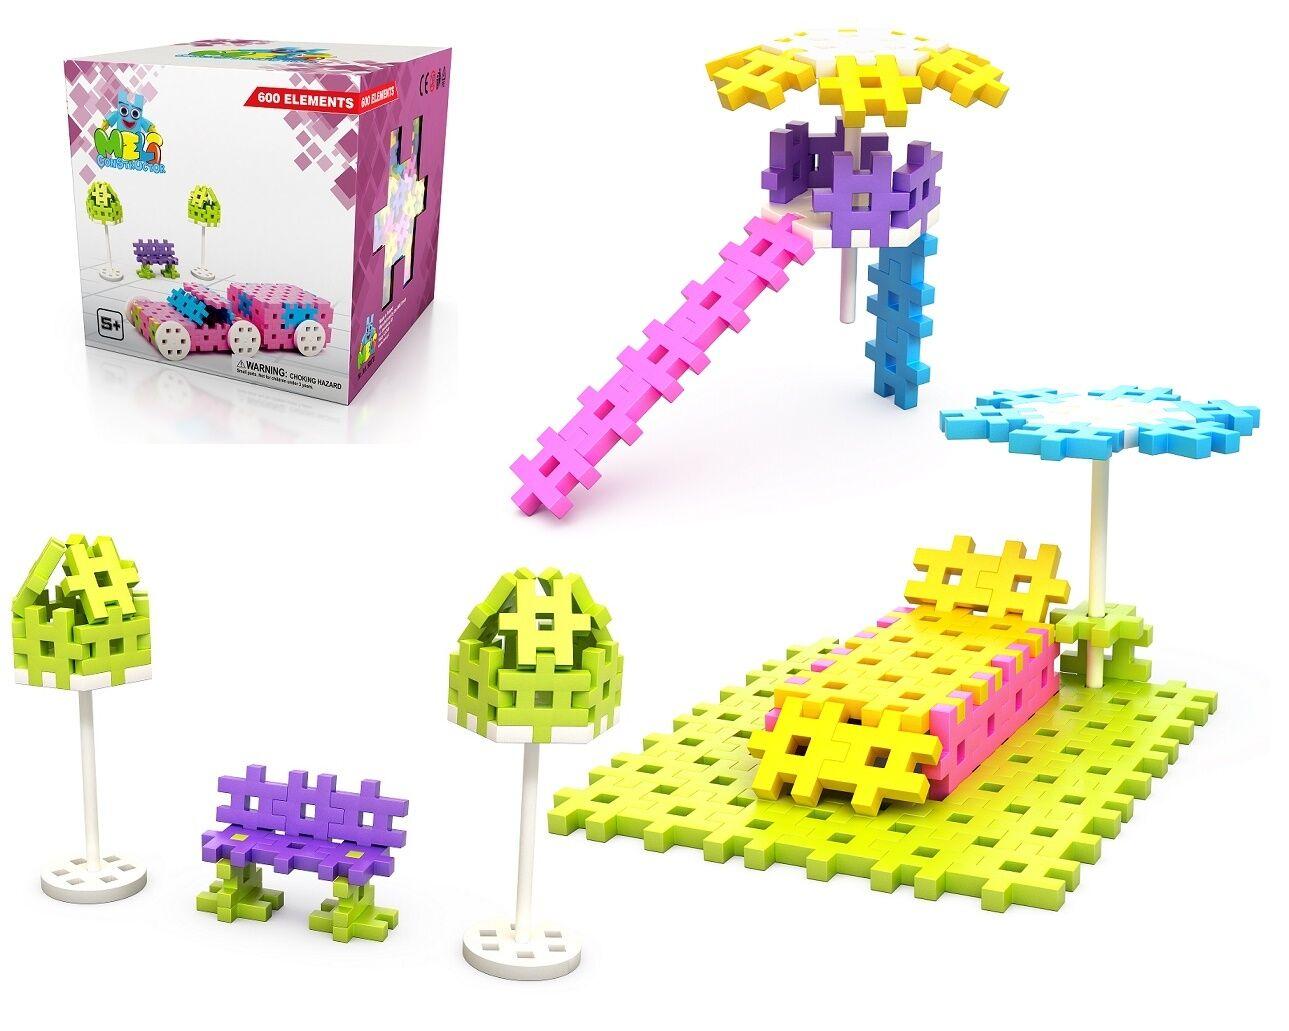 Konstruktionsspielzeug Constructor Girls 600 Teile Bausteine Mädchen Puzzle 3D